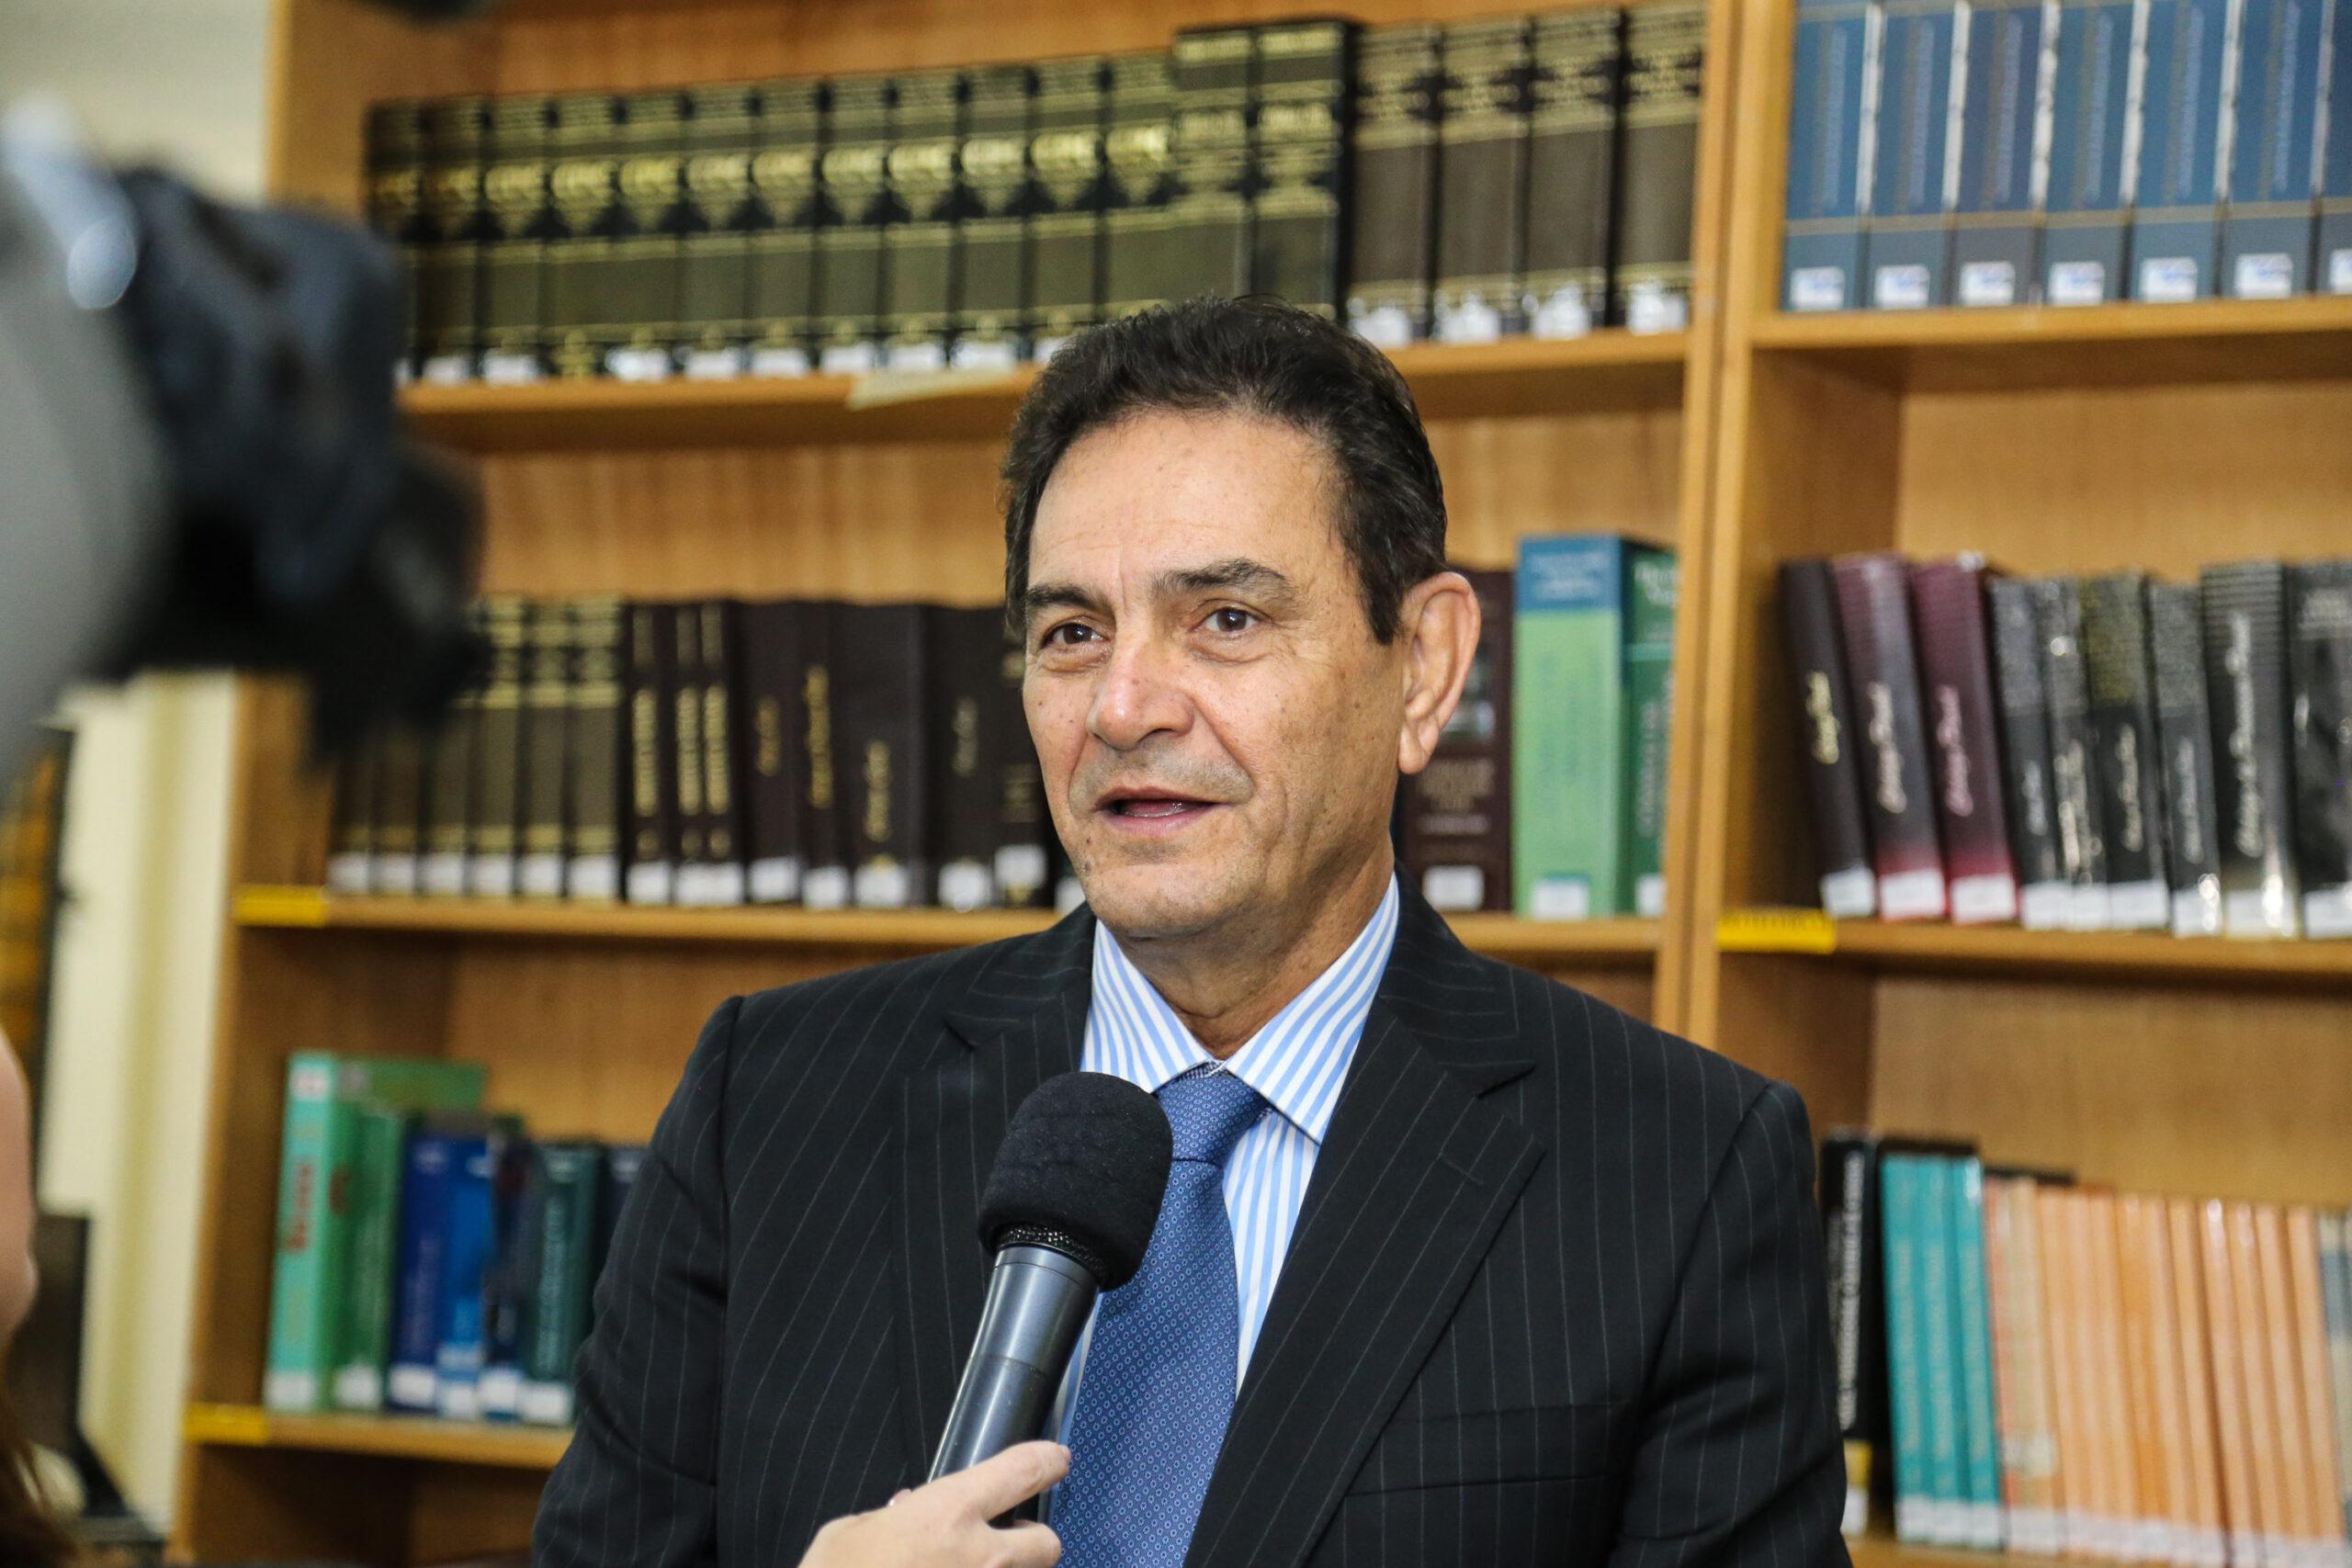 Presidente do Fundepar José Maria Ferreira,   no início do ano letivo. Curitiba, 14/02/2019 -  Foto: Geraldo Bubniak/ANPr